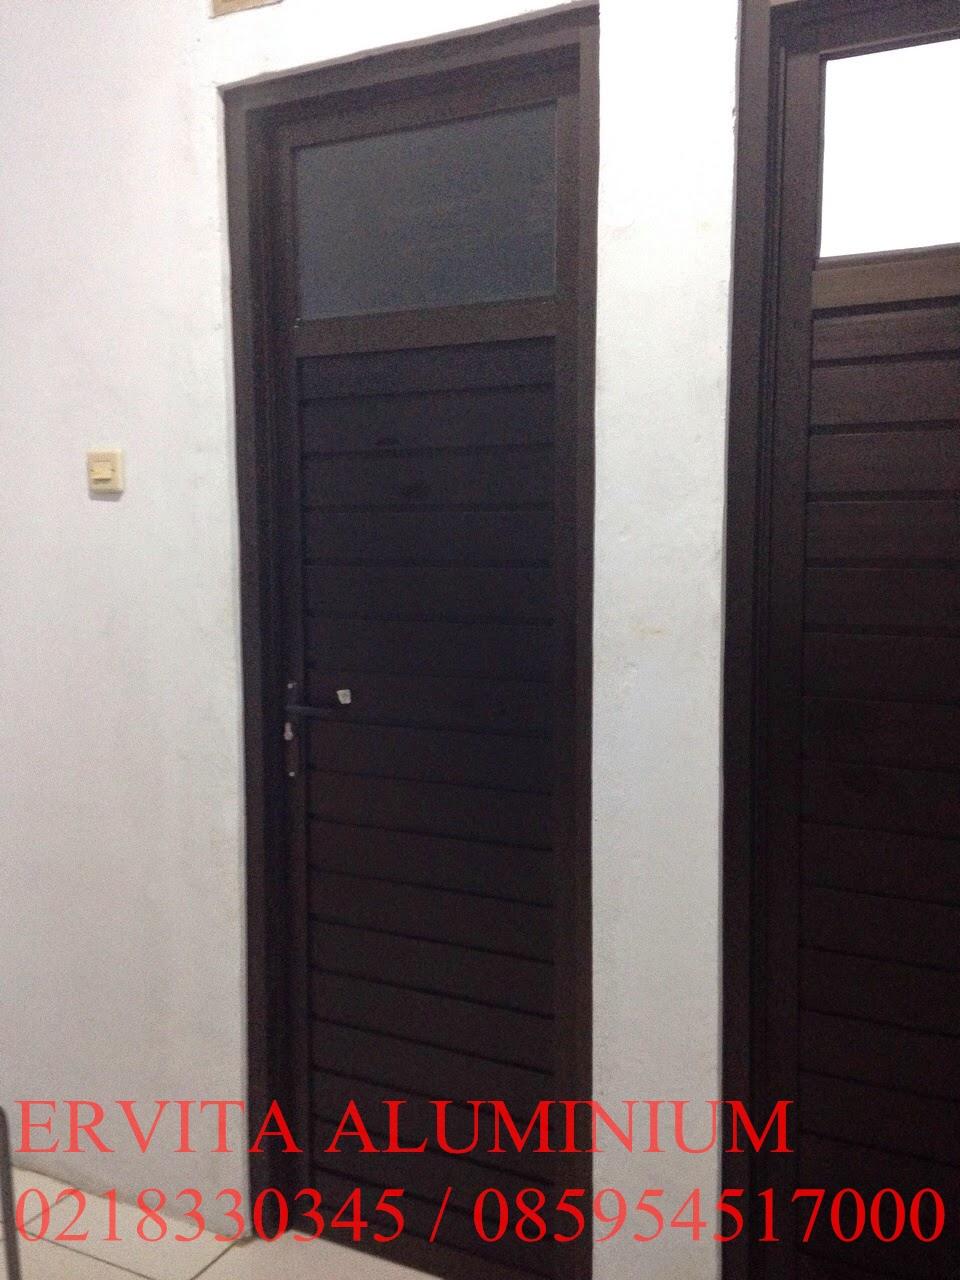 26 Foto Pintu Kamar Mandi Aluminium Baru